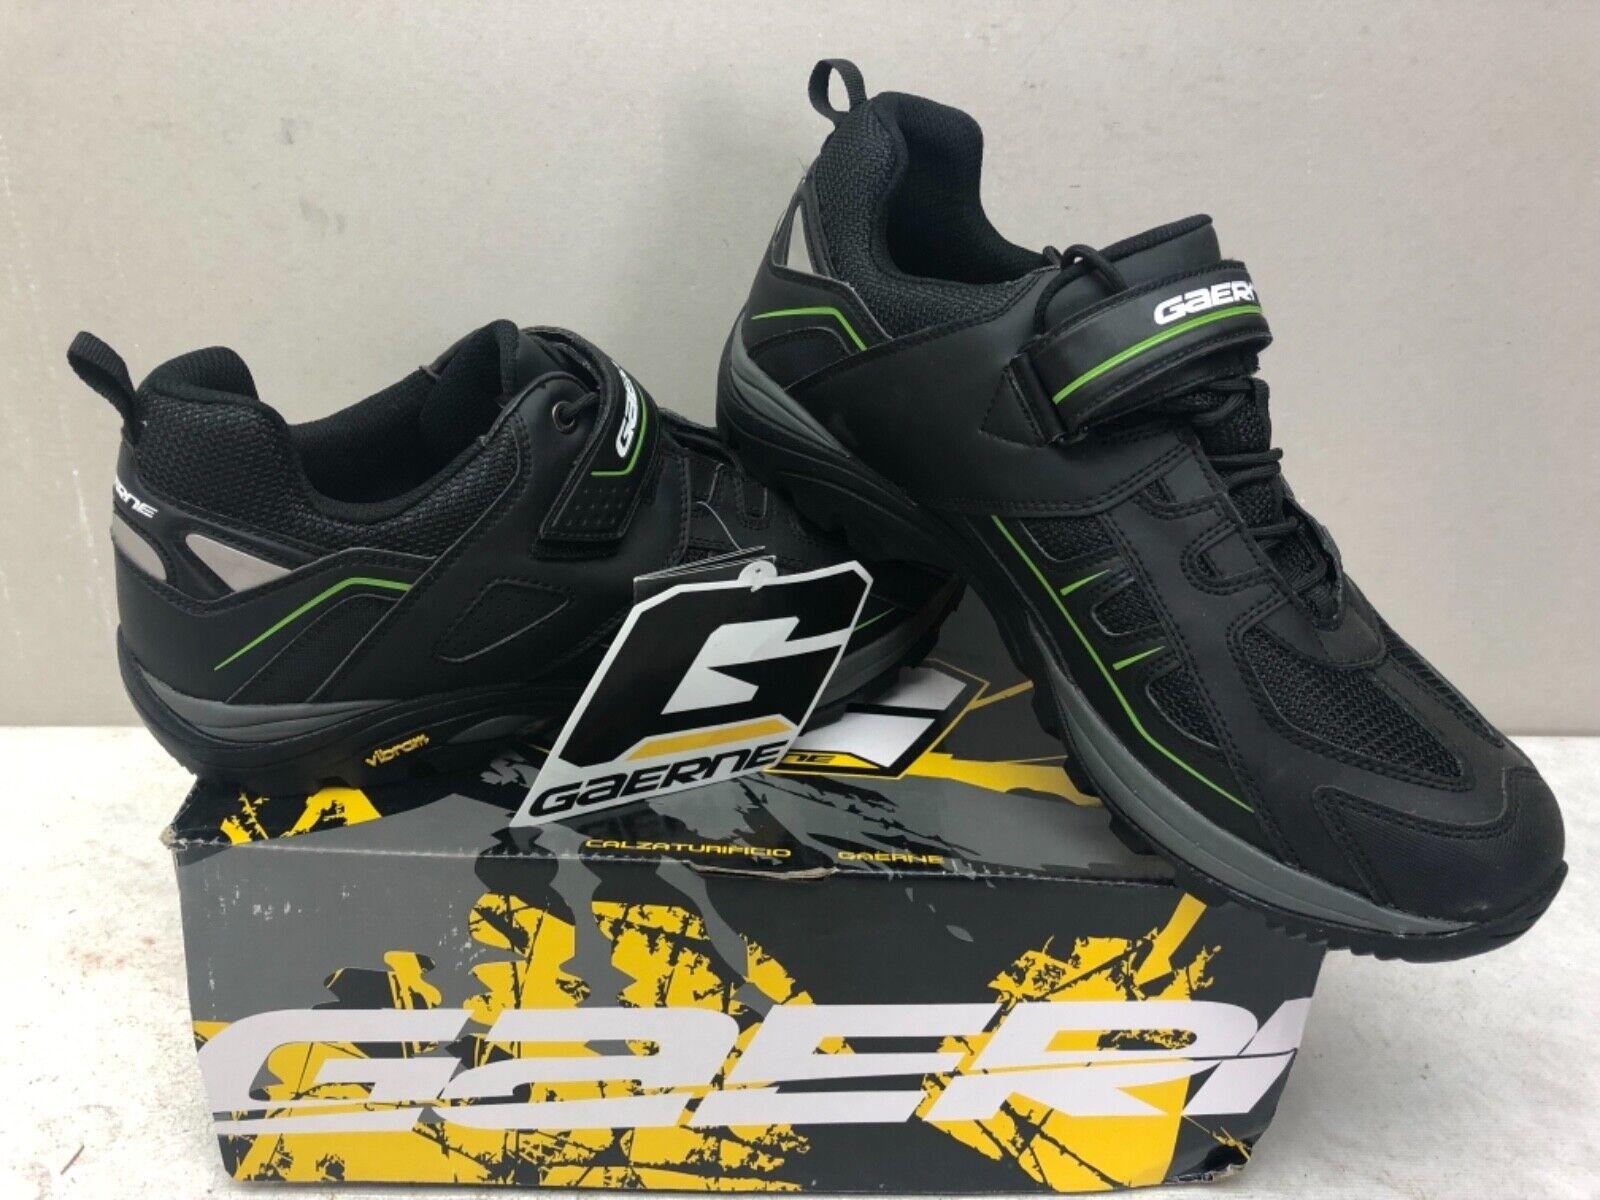 Nemy todo terreno Season  Gaerne G. Para Hombres Zapatos De Ciclismo Senderismo (UK 11, EU 46)  Entrega directa y rápida de fábrica